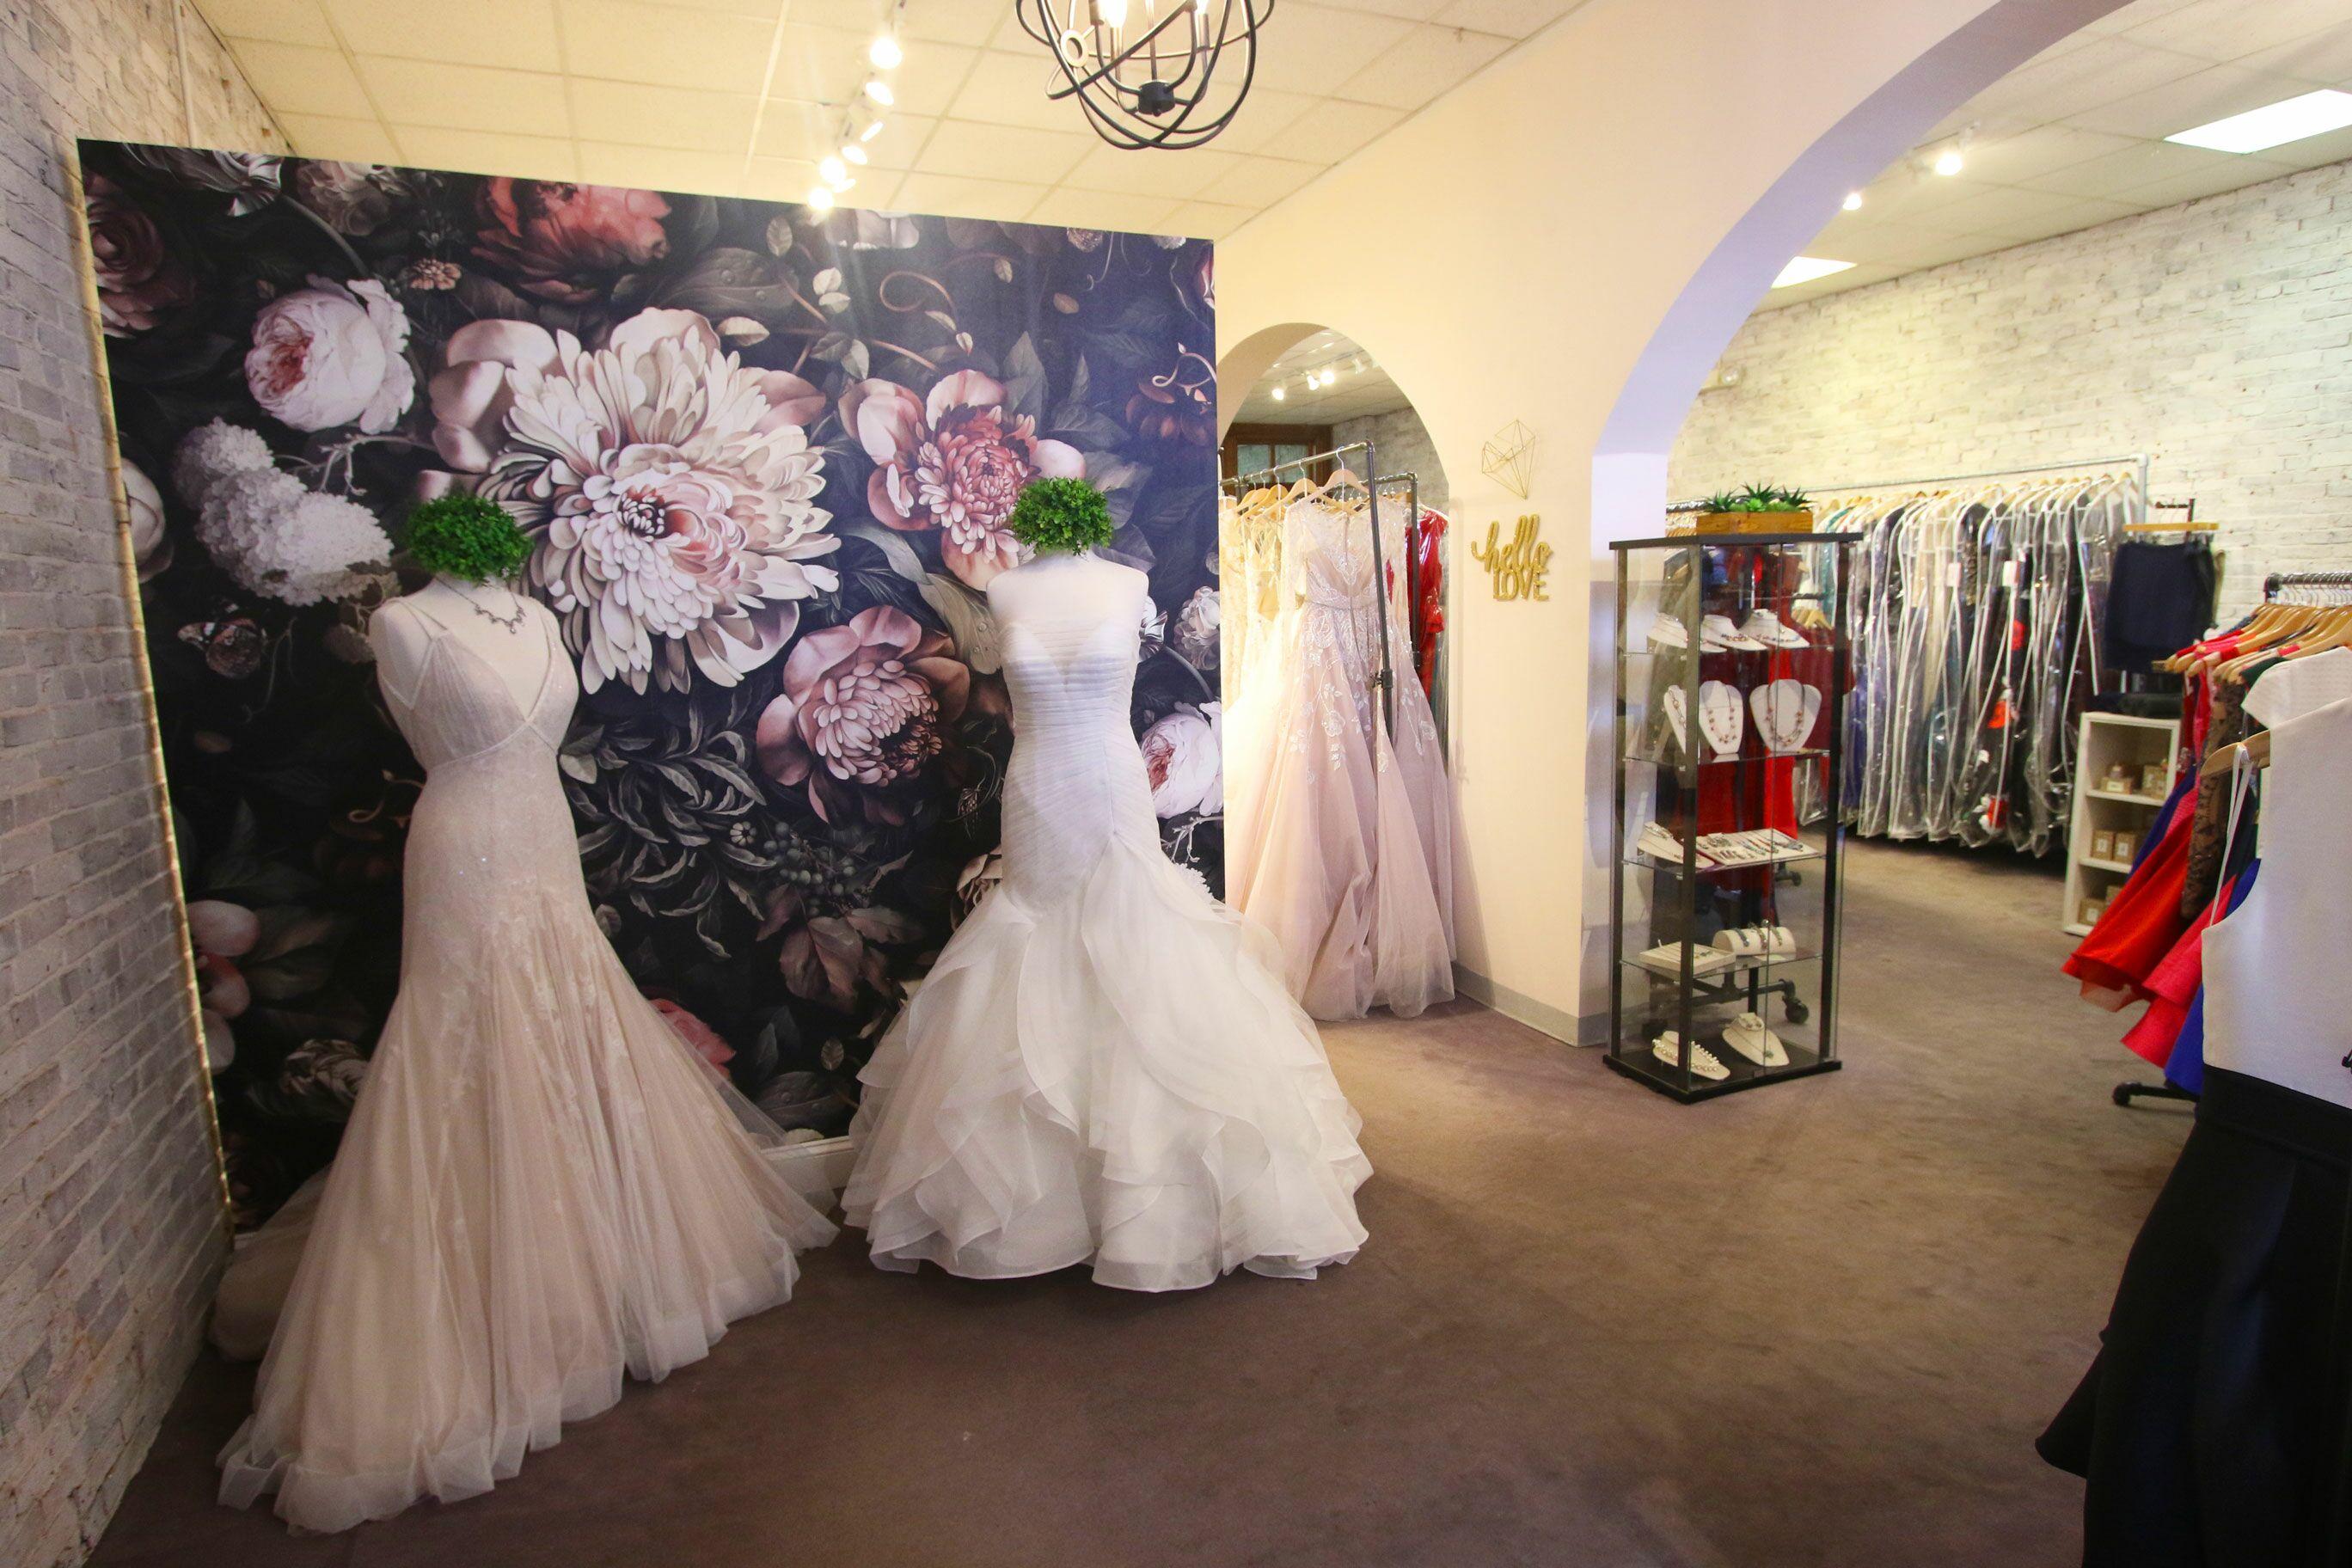 7ac45cf2f23c Blush Bridal & Formal | Portland | Bridal Salons - South Portland, ME